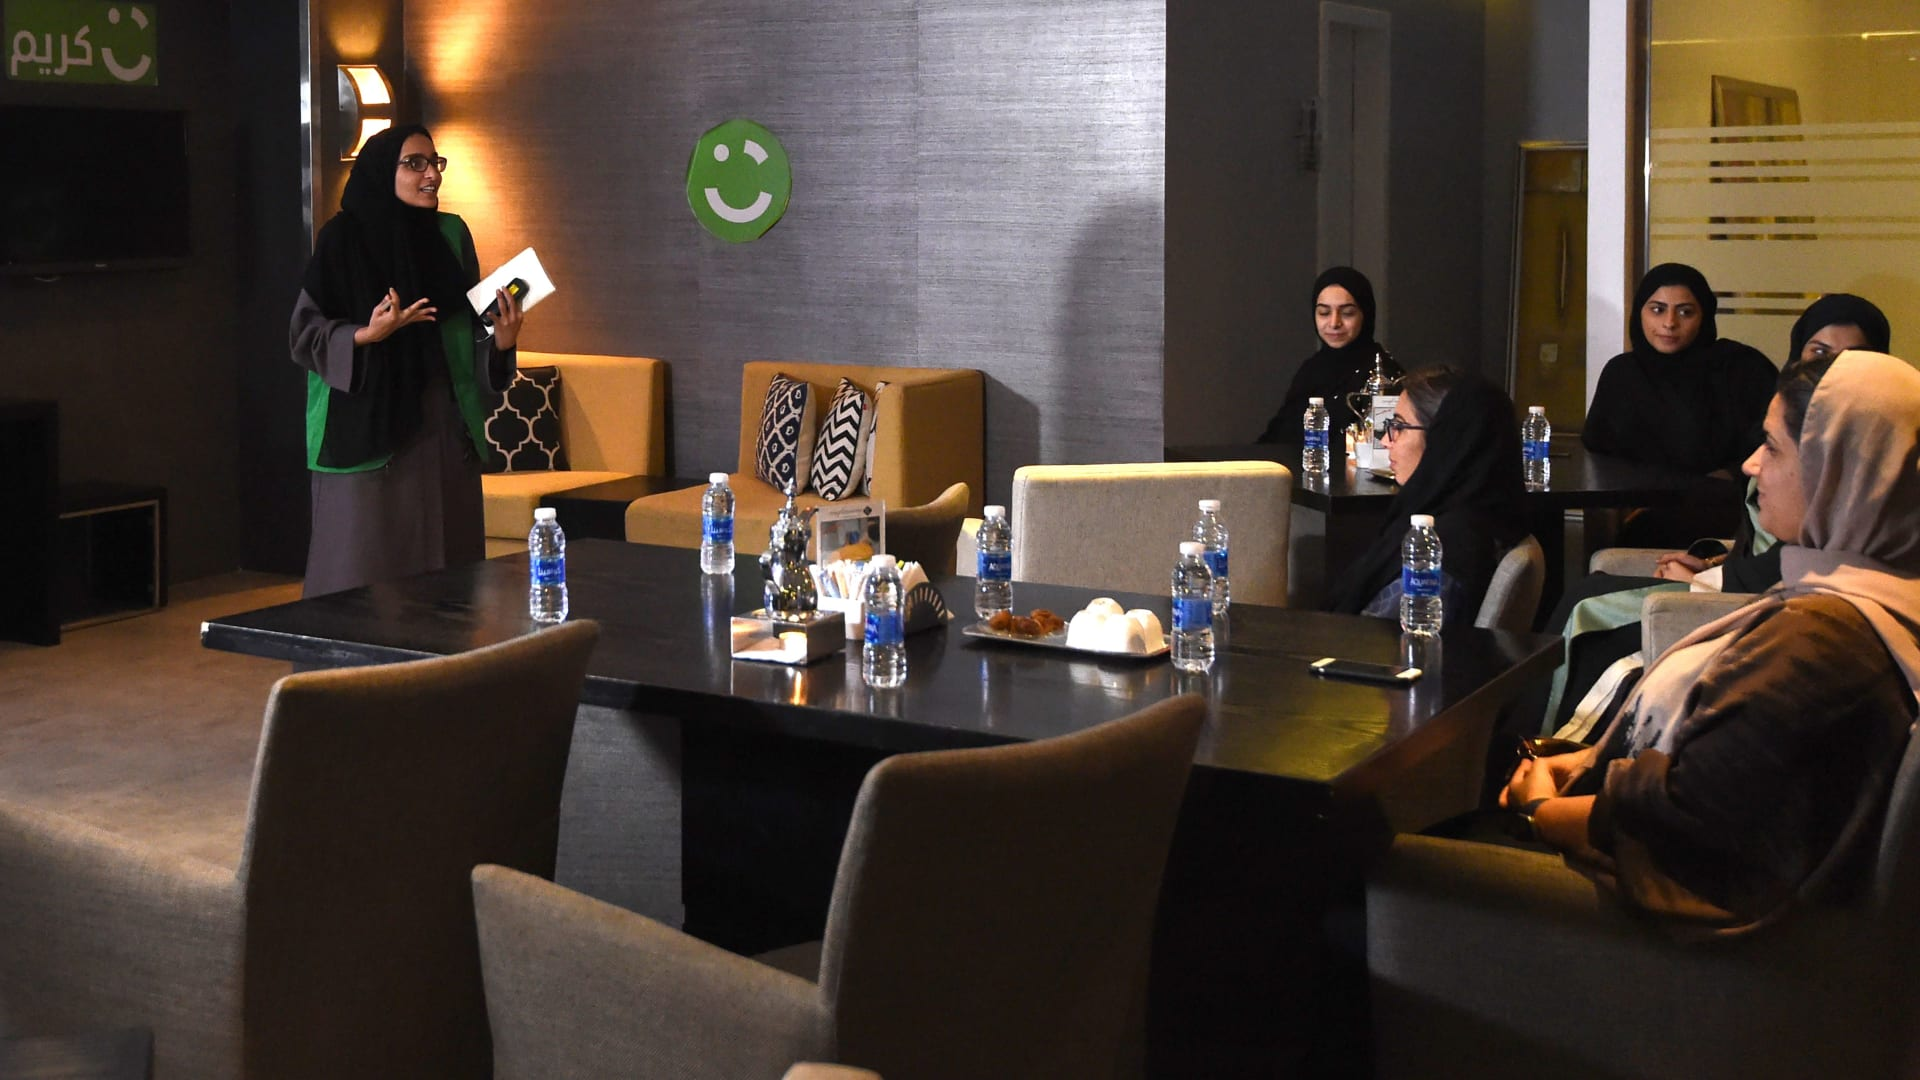 كريم السعودية تشرح لـ CNN ماذا جرى في 4 أشهر من بدء قيادة السيدات